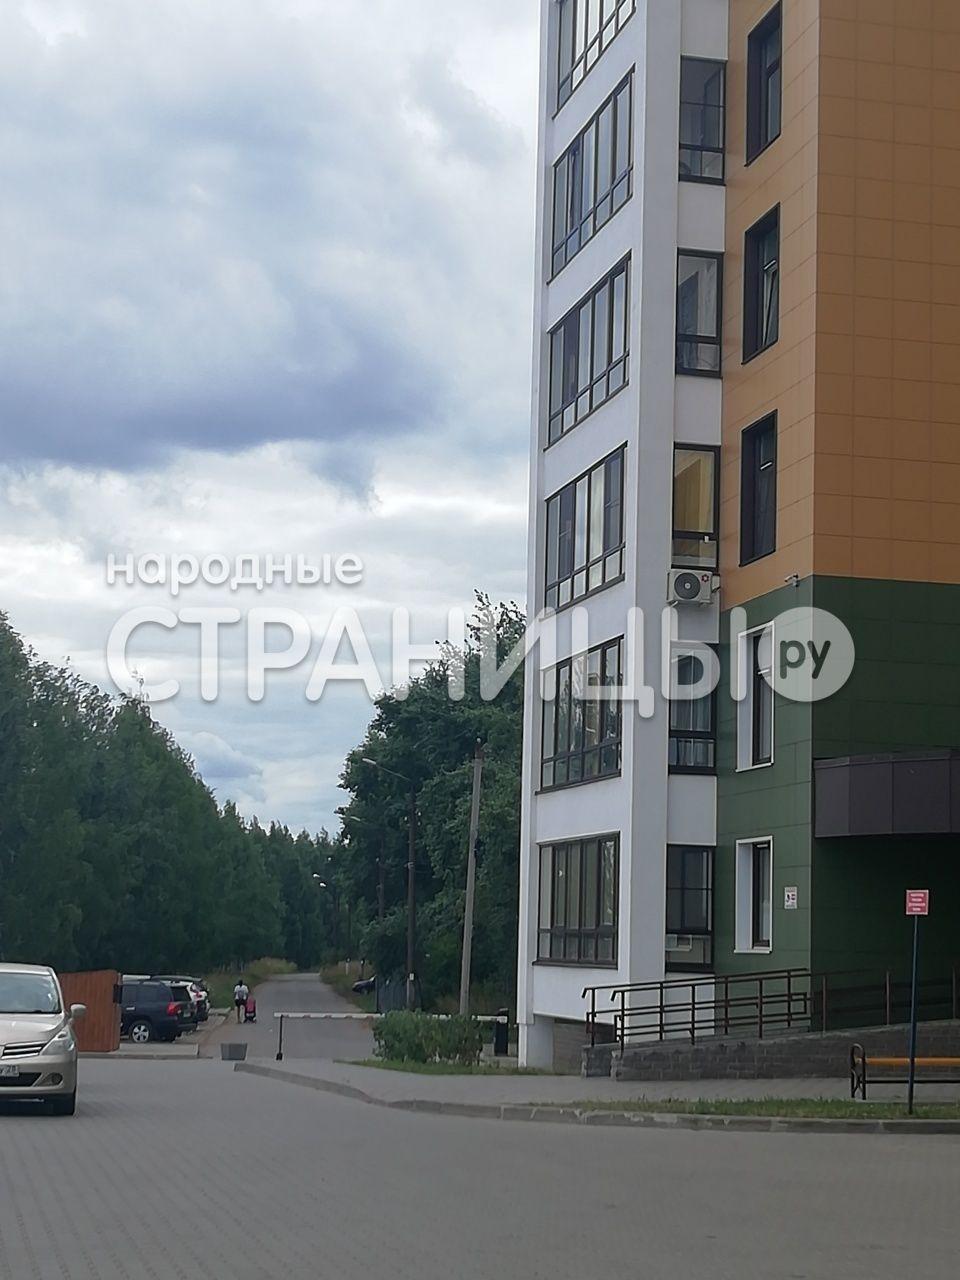 1-комнатная квартира, 36.0 м²,  11/16 эт. Панельный дом, Вторичное жилье